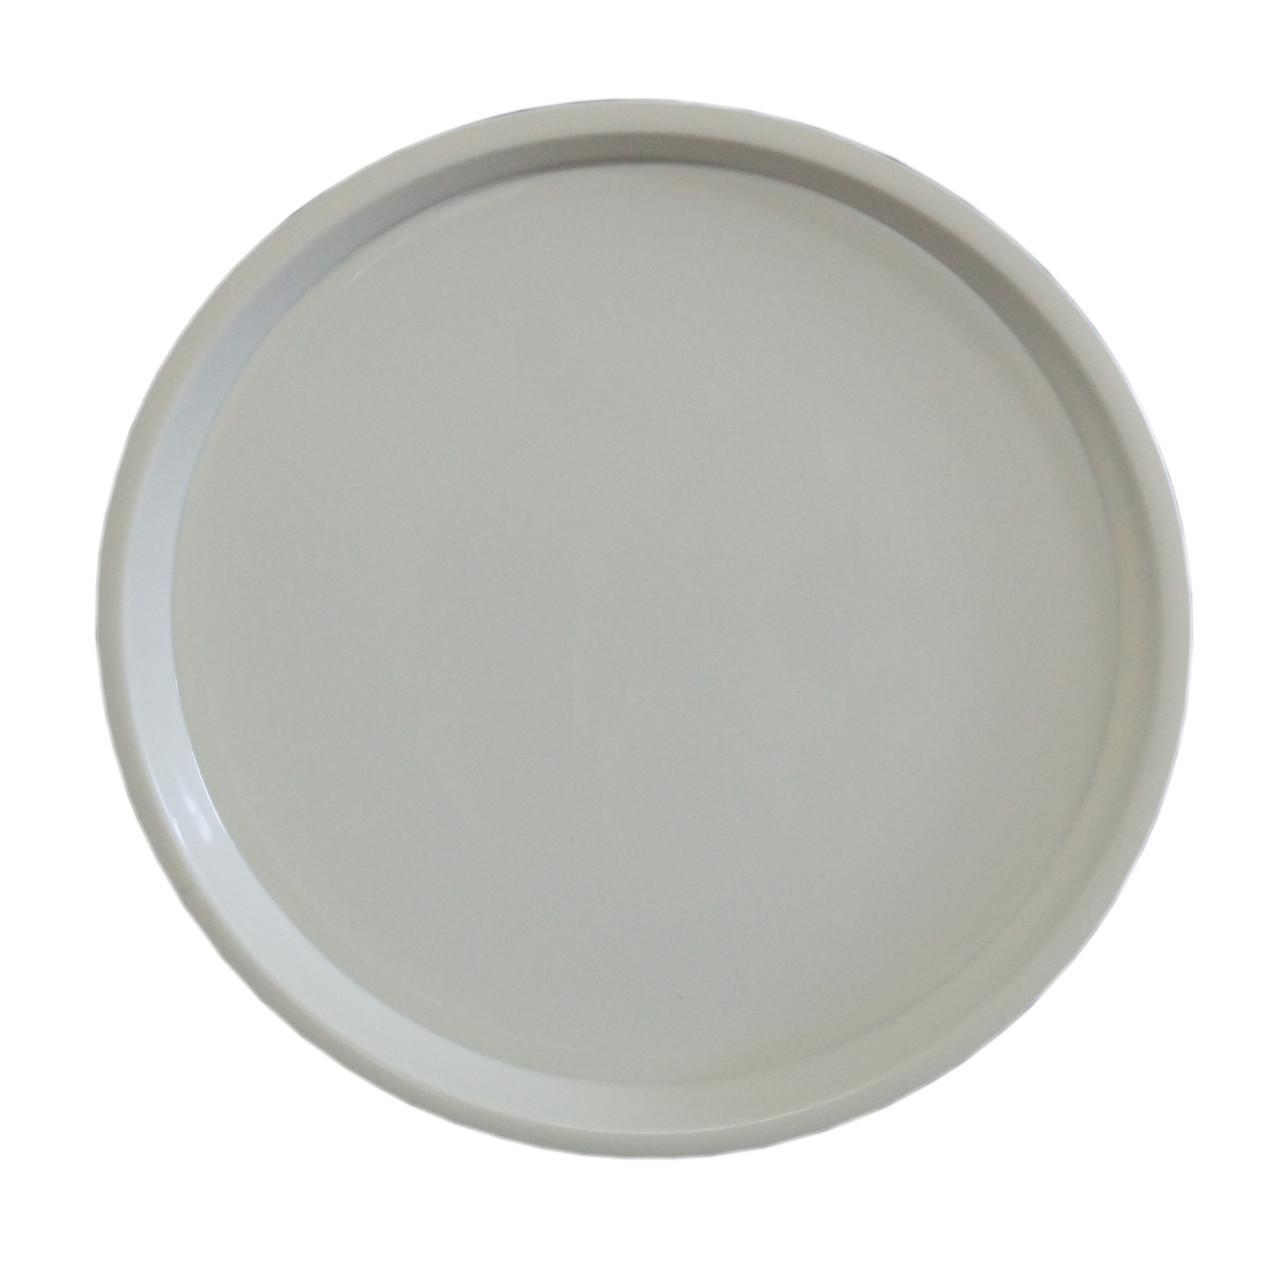 круглый пластиковый поднос серый